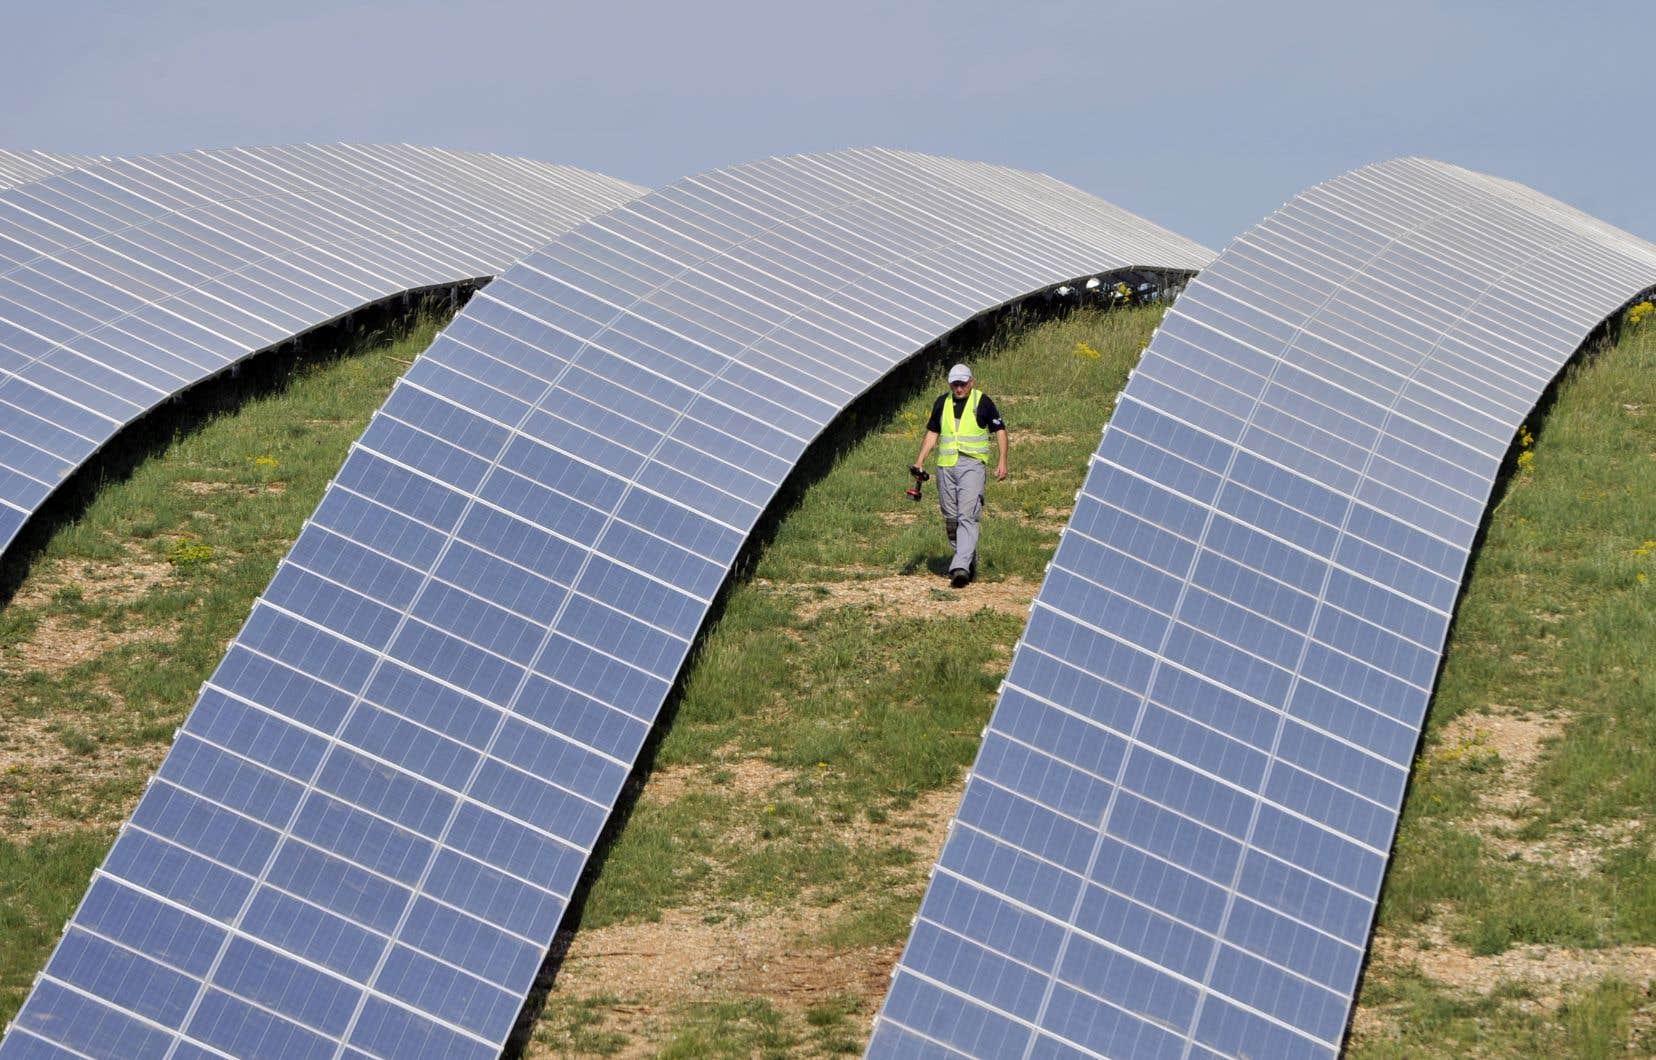 Chaque million de dollars américains investi dans les énergies renouvelables créerait trois fois plus d'emplois que la même somme investie dans les combustibles fossiles.